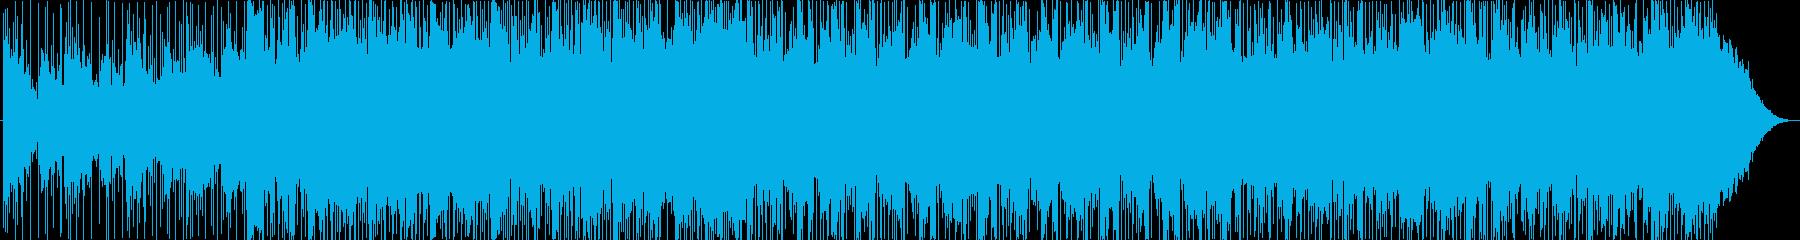 インスピレーションを与える音楽の背景の再生済みの波形